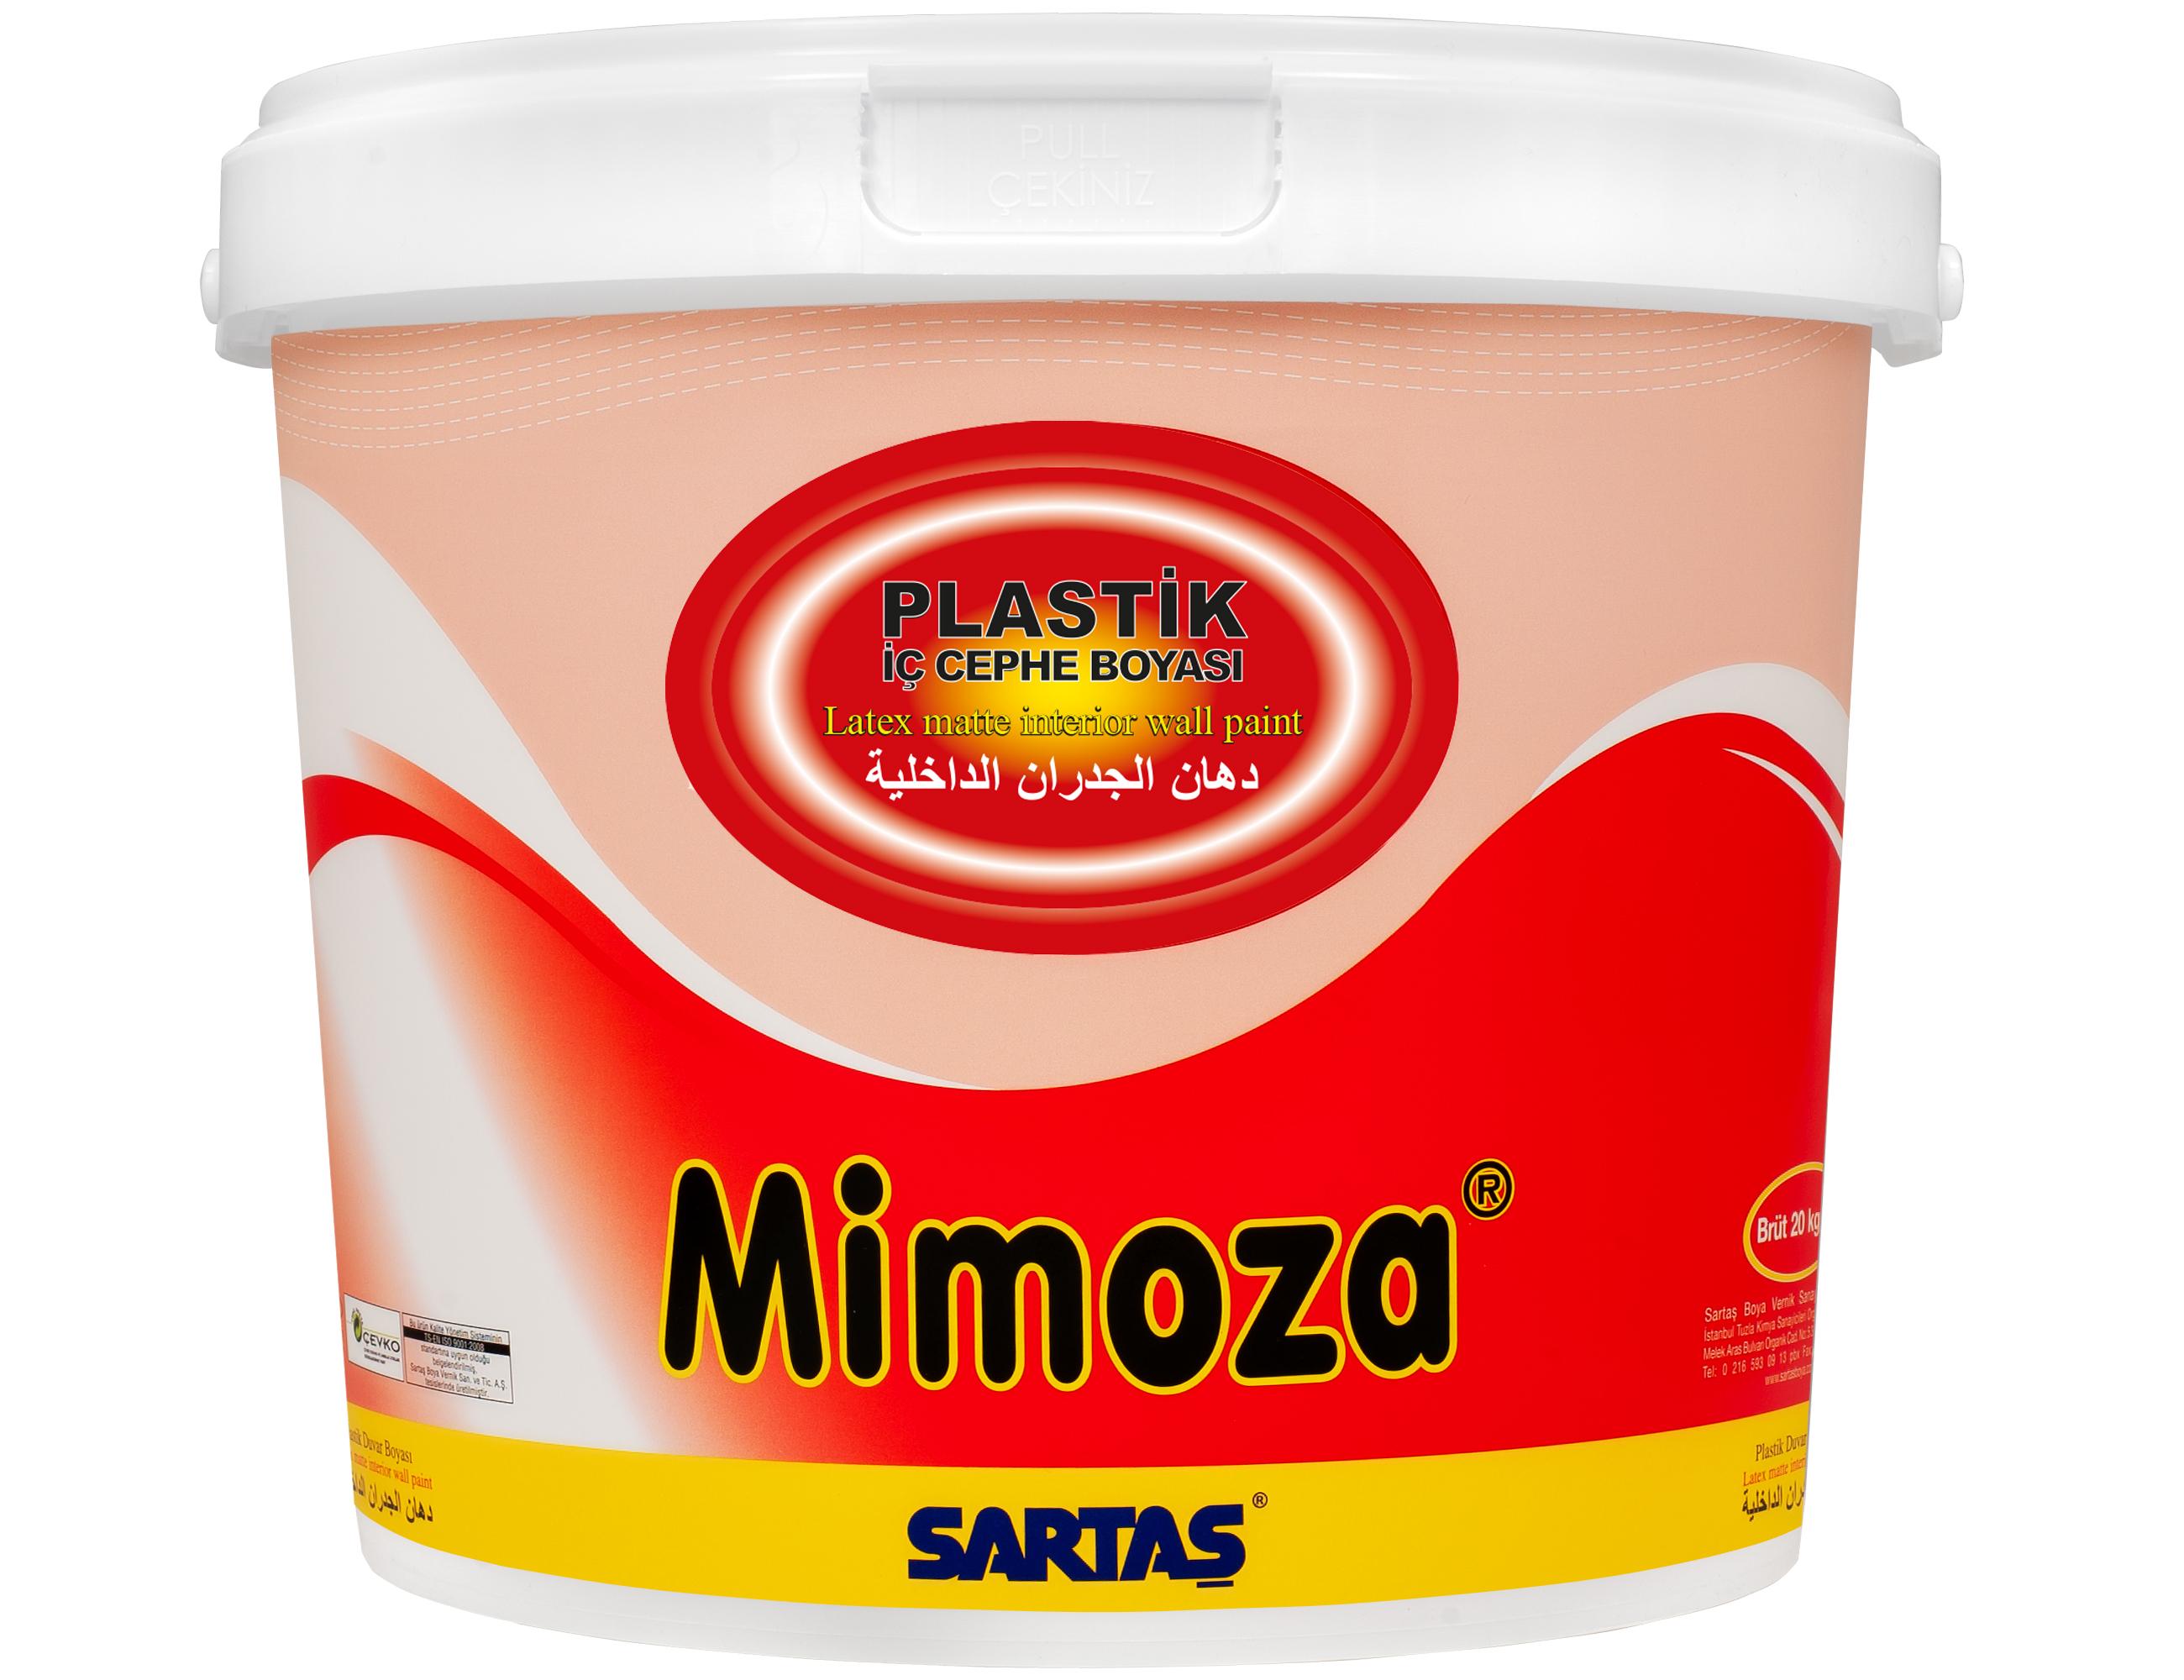 MIMOZA FLAT LATEX MATT INT. ПОКРАСИТЬ